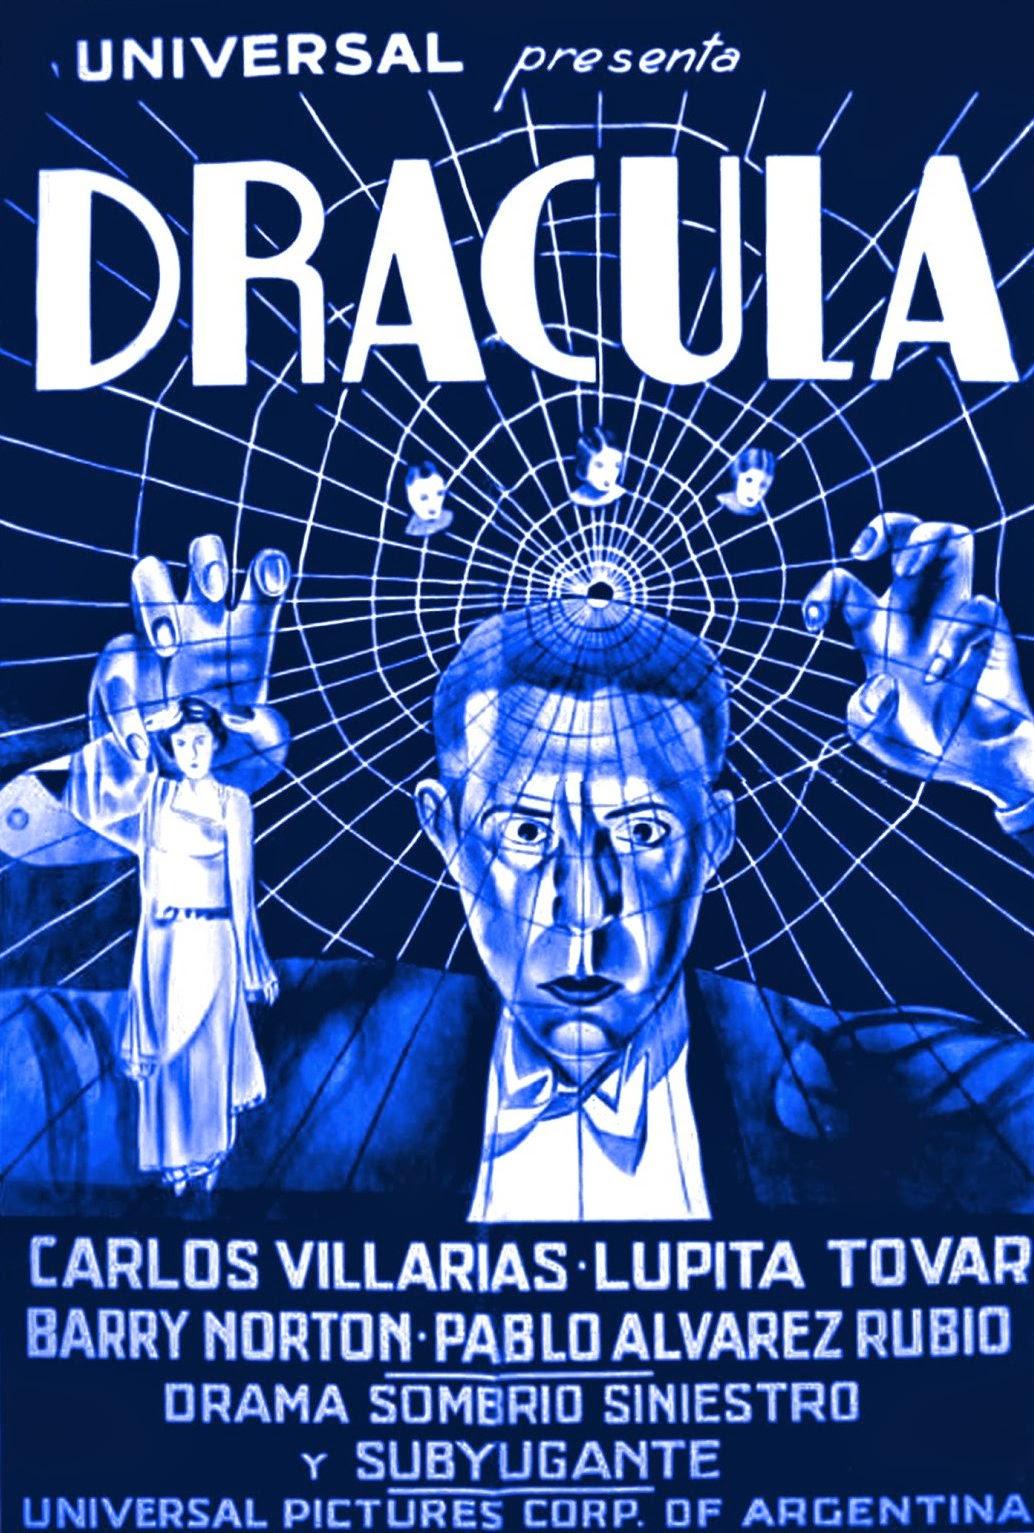 Carlos Villarías in Drácula (1931)